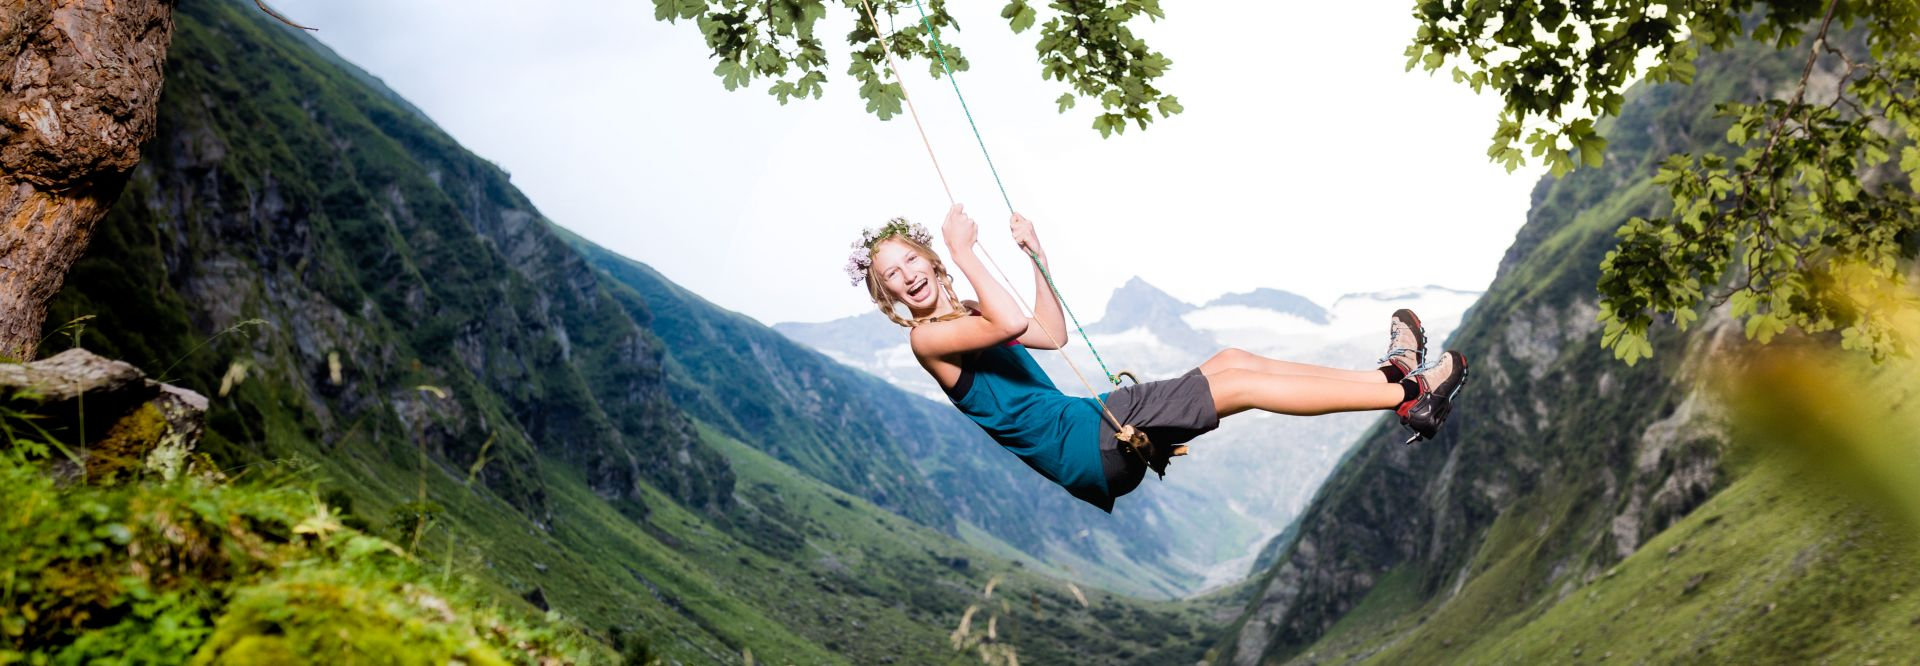 Frau beim Schaukeln vor Bergkulisse (Wildkogel-Arena Neukirchen und Bramberg)